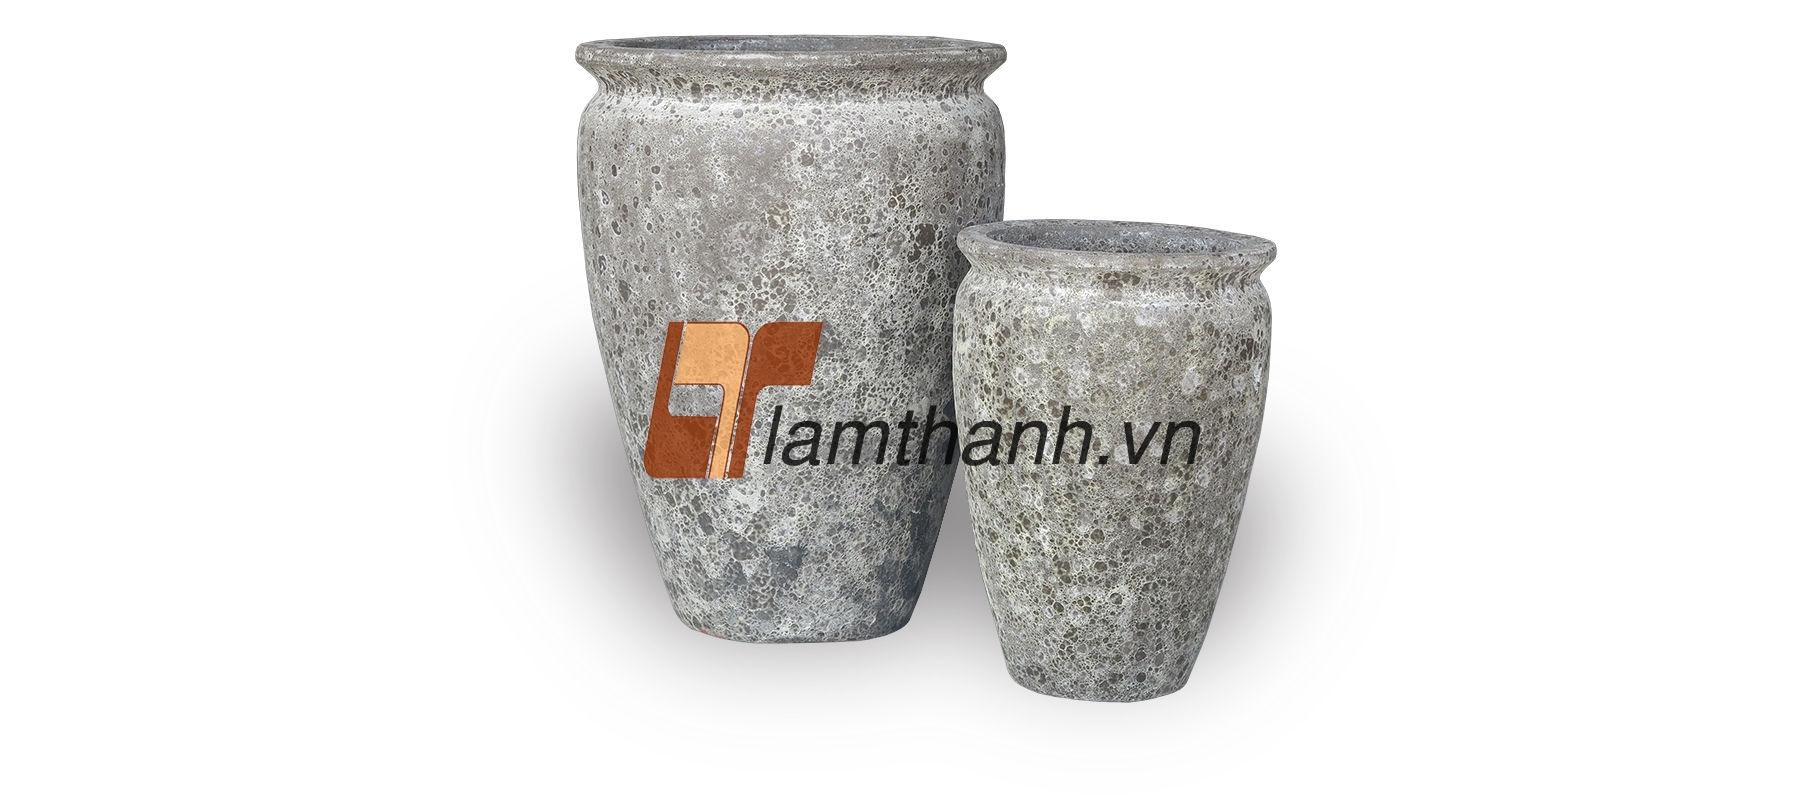 vietnam ceramic, vietnam pottery 10